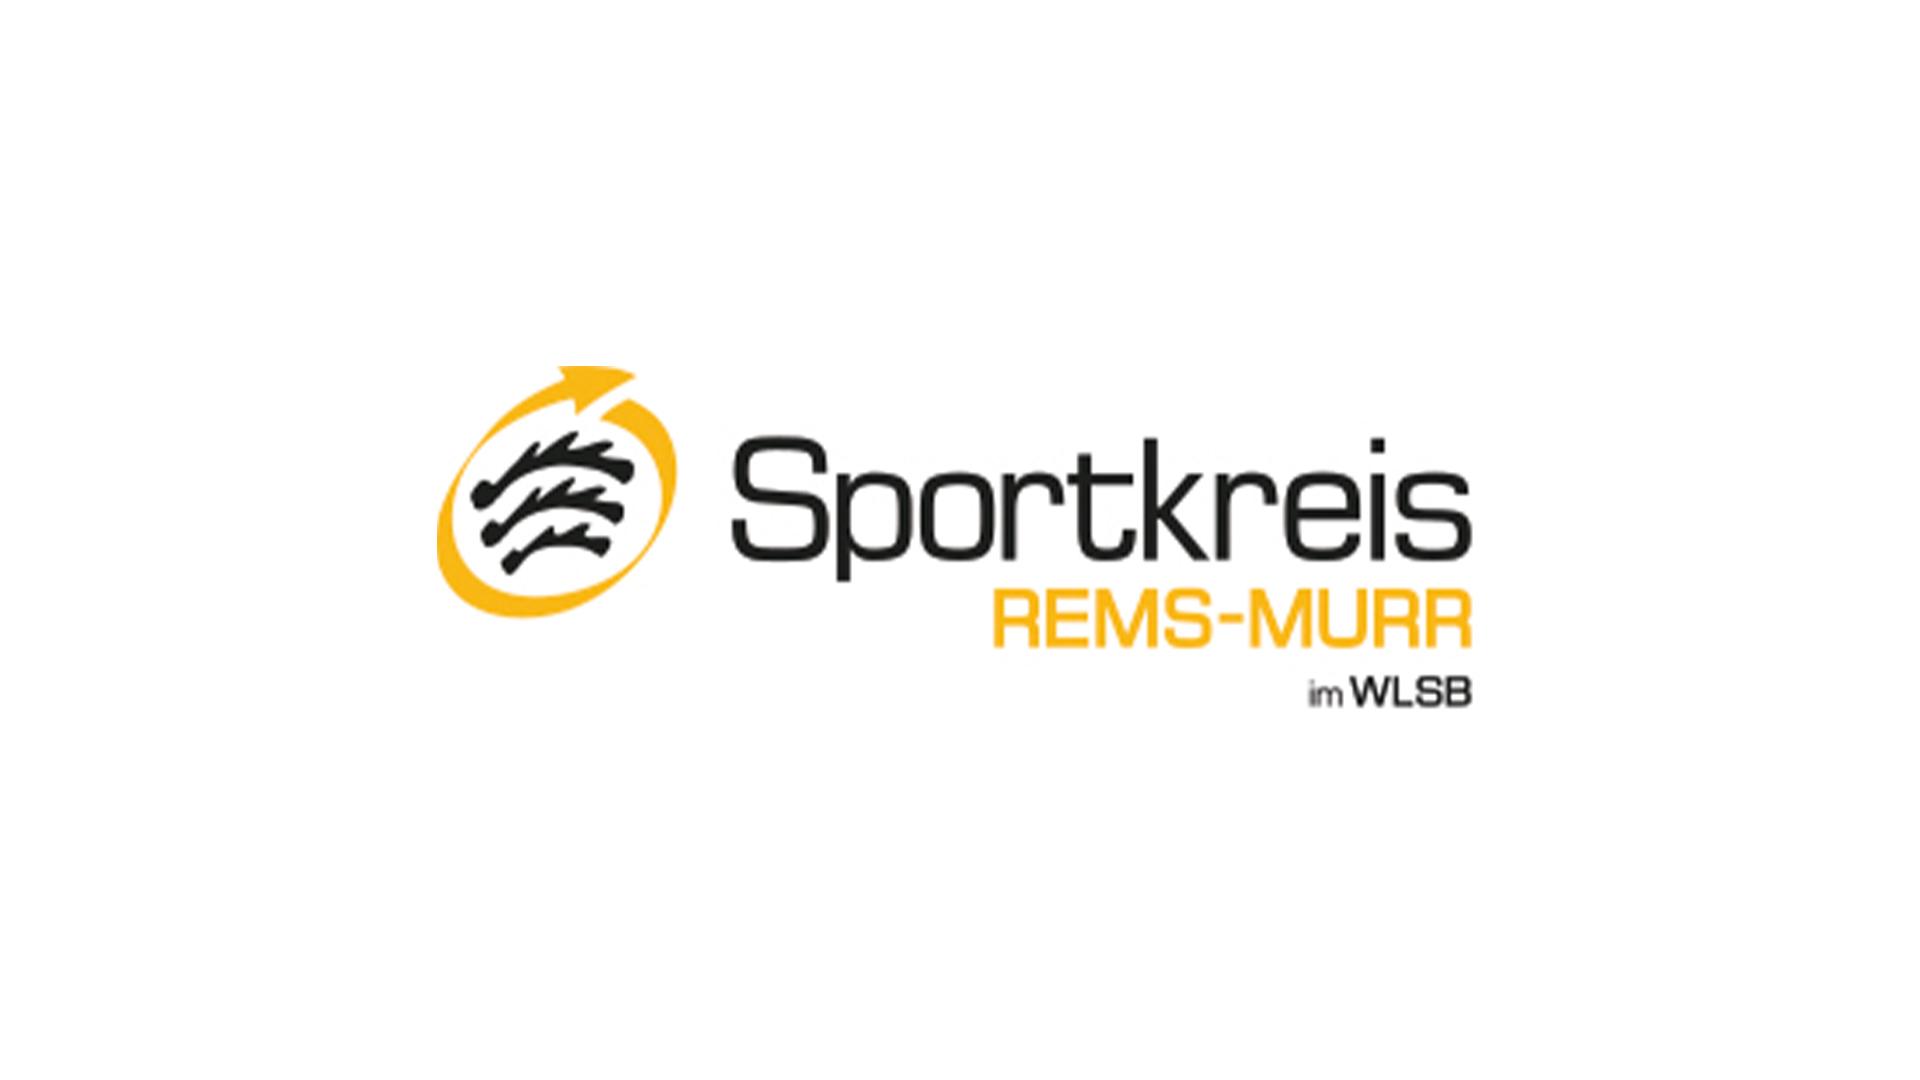 Pfleiderer Projektbau: Sponsoring Sportkreis Rems-Murr